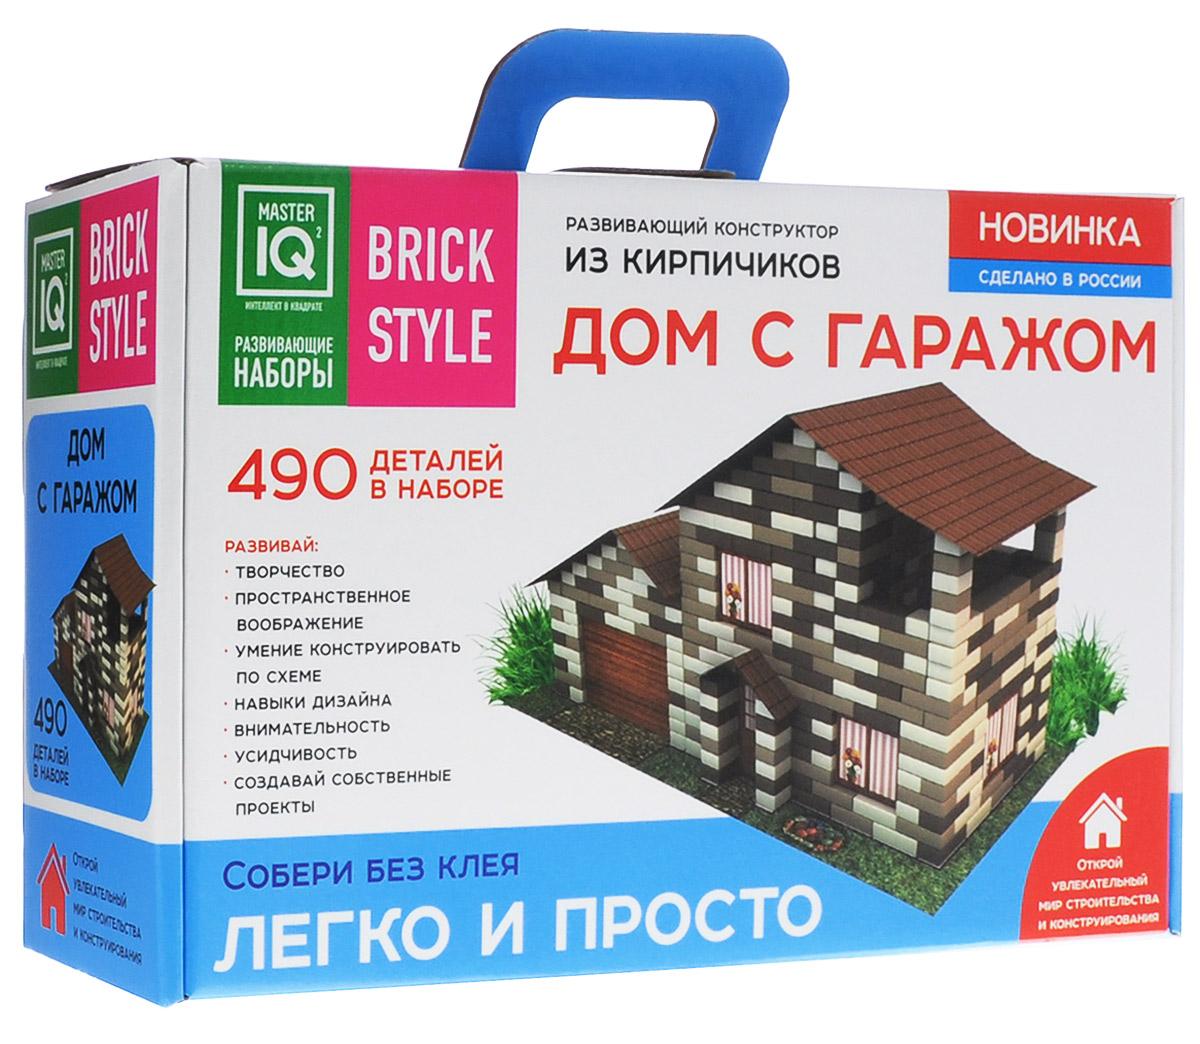 Brick Style Конструктор Дом с гаражом1305Кирпичики конструктора Brick Style Дом с гаражом совсем как настоящие, только очень легкие. Благодаря этому из них удобно строить модели зданий и сооружений самого разного размера - от маленького домика до громадного замка. Готовые конструкции будут иметь совсем небольшой вес, из без труда поднимает даже малыш. В подробной инструкции описаны все шаги по сборке выбранной модели. Проектируйте и создавайте свои собственные постройки - творчество и фантазия не ограничены! Конструктор позволяет развивать творчество, пространственное воображение, умение конструировать по схеме, навыки дизайна, внимательность, усидчивость. Открой для себя увлекательный мир строительства и конструирования.